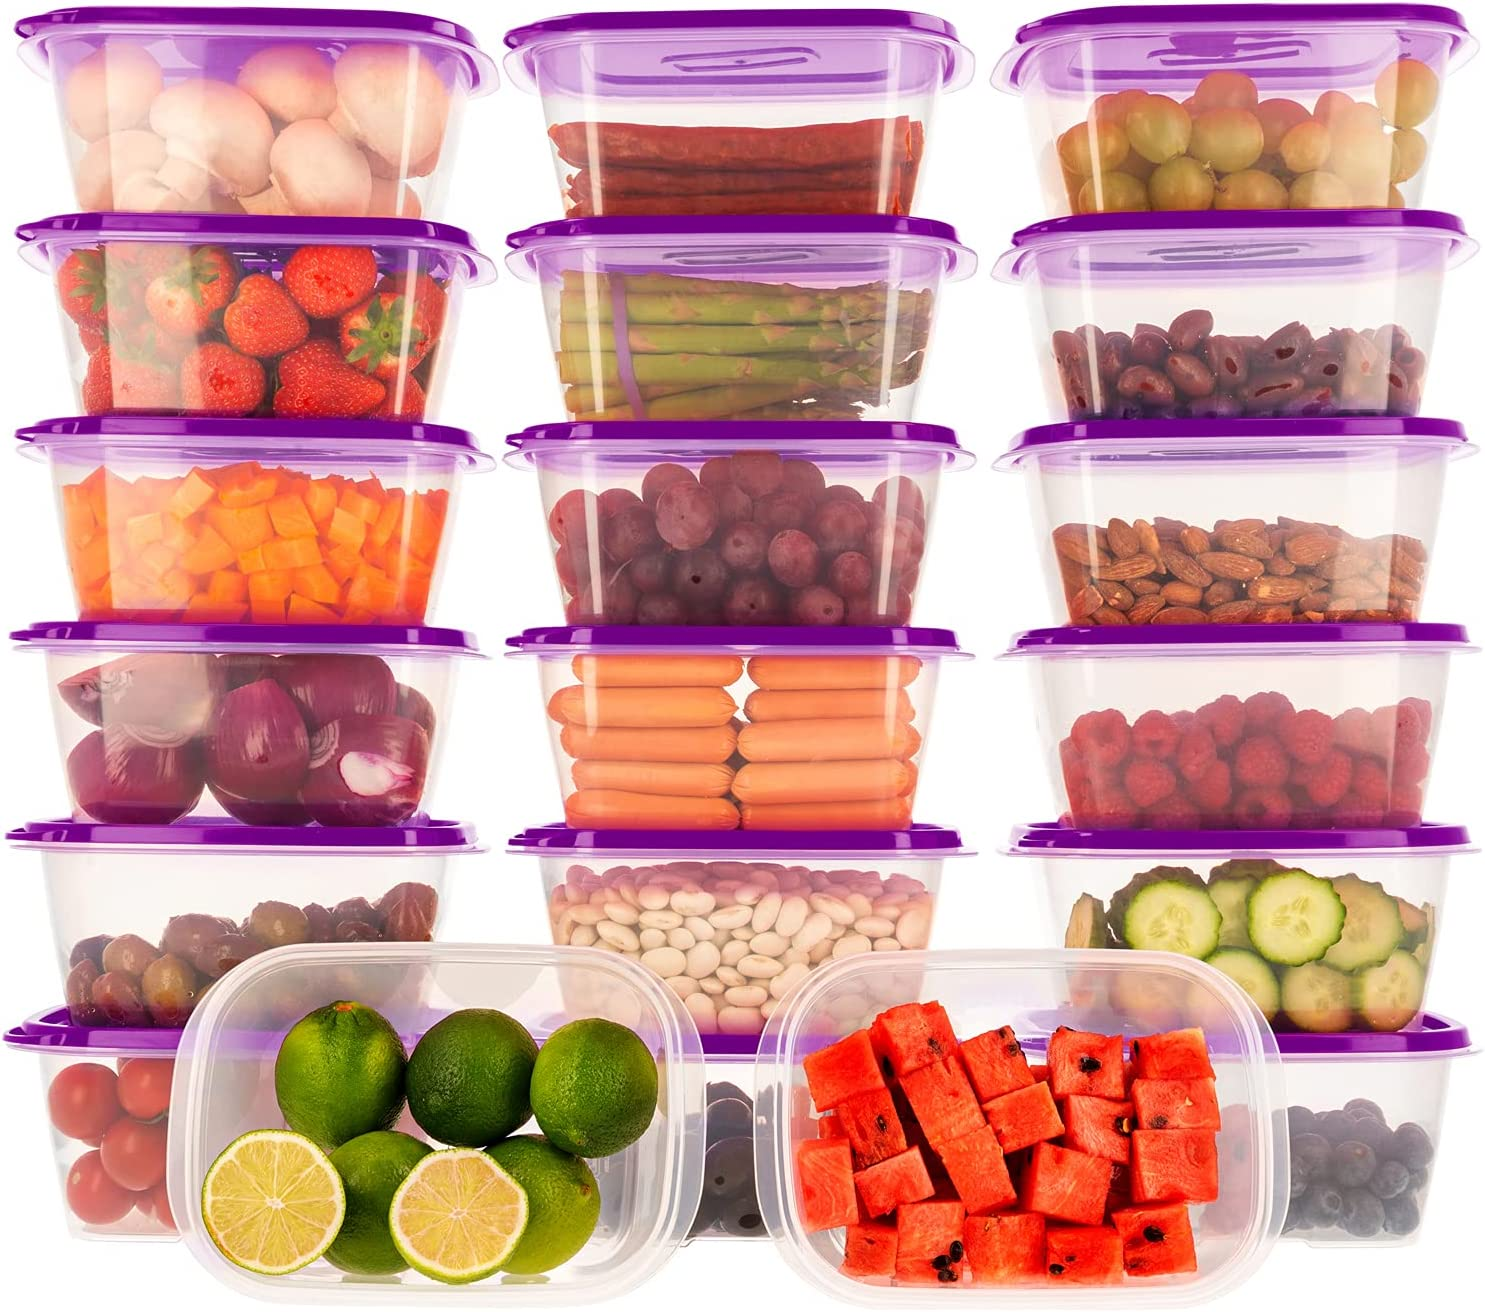 Oursson Recipientes Plastico para Alimentos Almacenaje Cocina con Tapas Púrpura   Set de 20 Piezas x 1L   Sin BPA   Tapers para Comida Hermetico   Lunch Box   Fiambrera   Organizador Frigorifico  